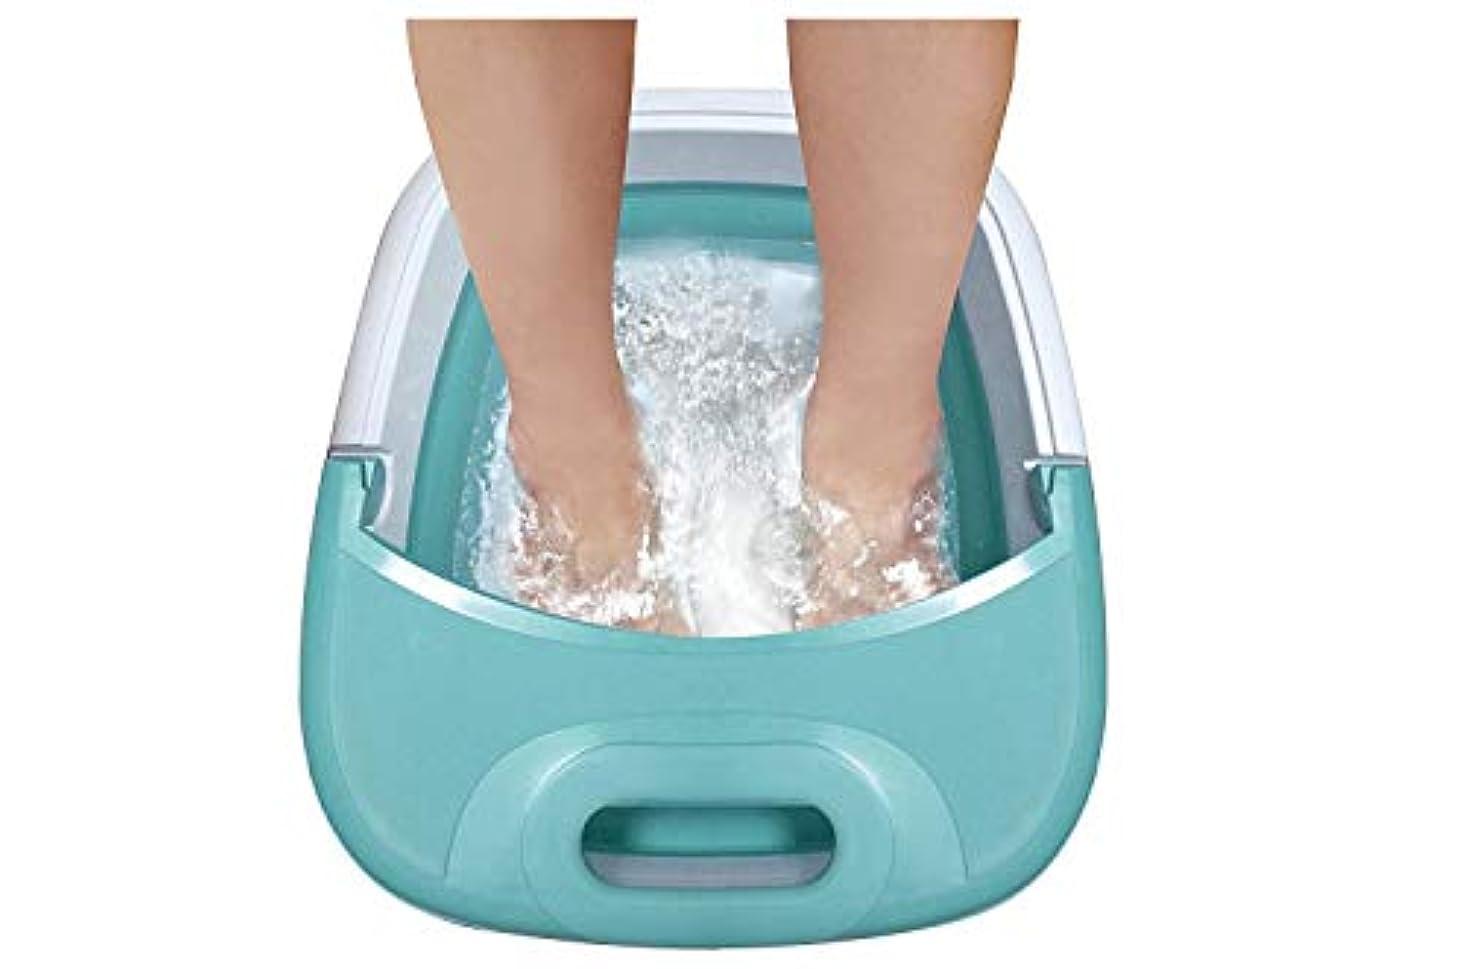 匹敵しますお風呂首相折りたたみ 保温フットバス 足湯 足つぼバブルジェット付 バブルフットバス MA-818